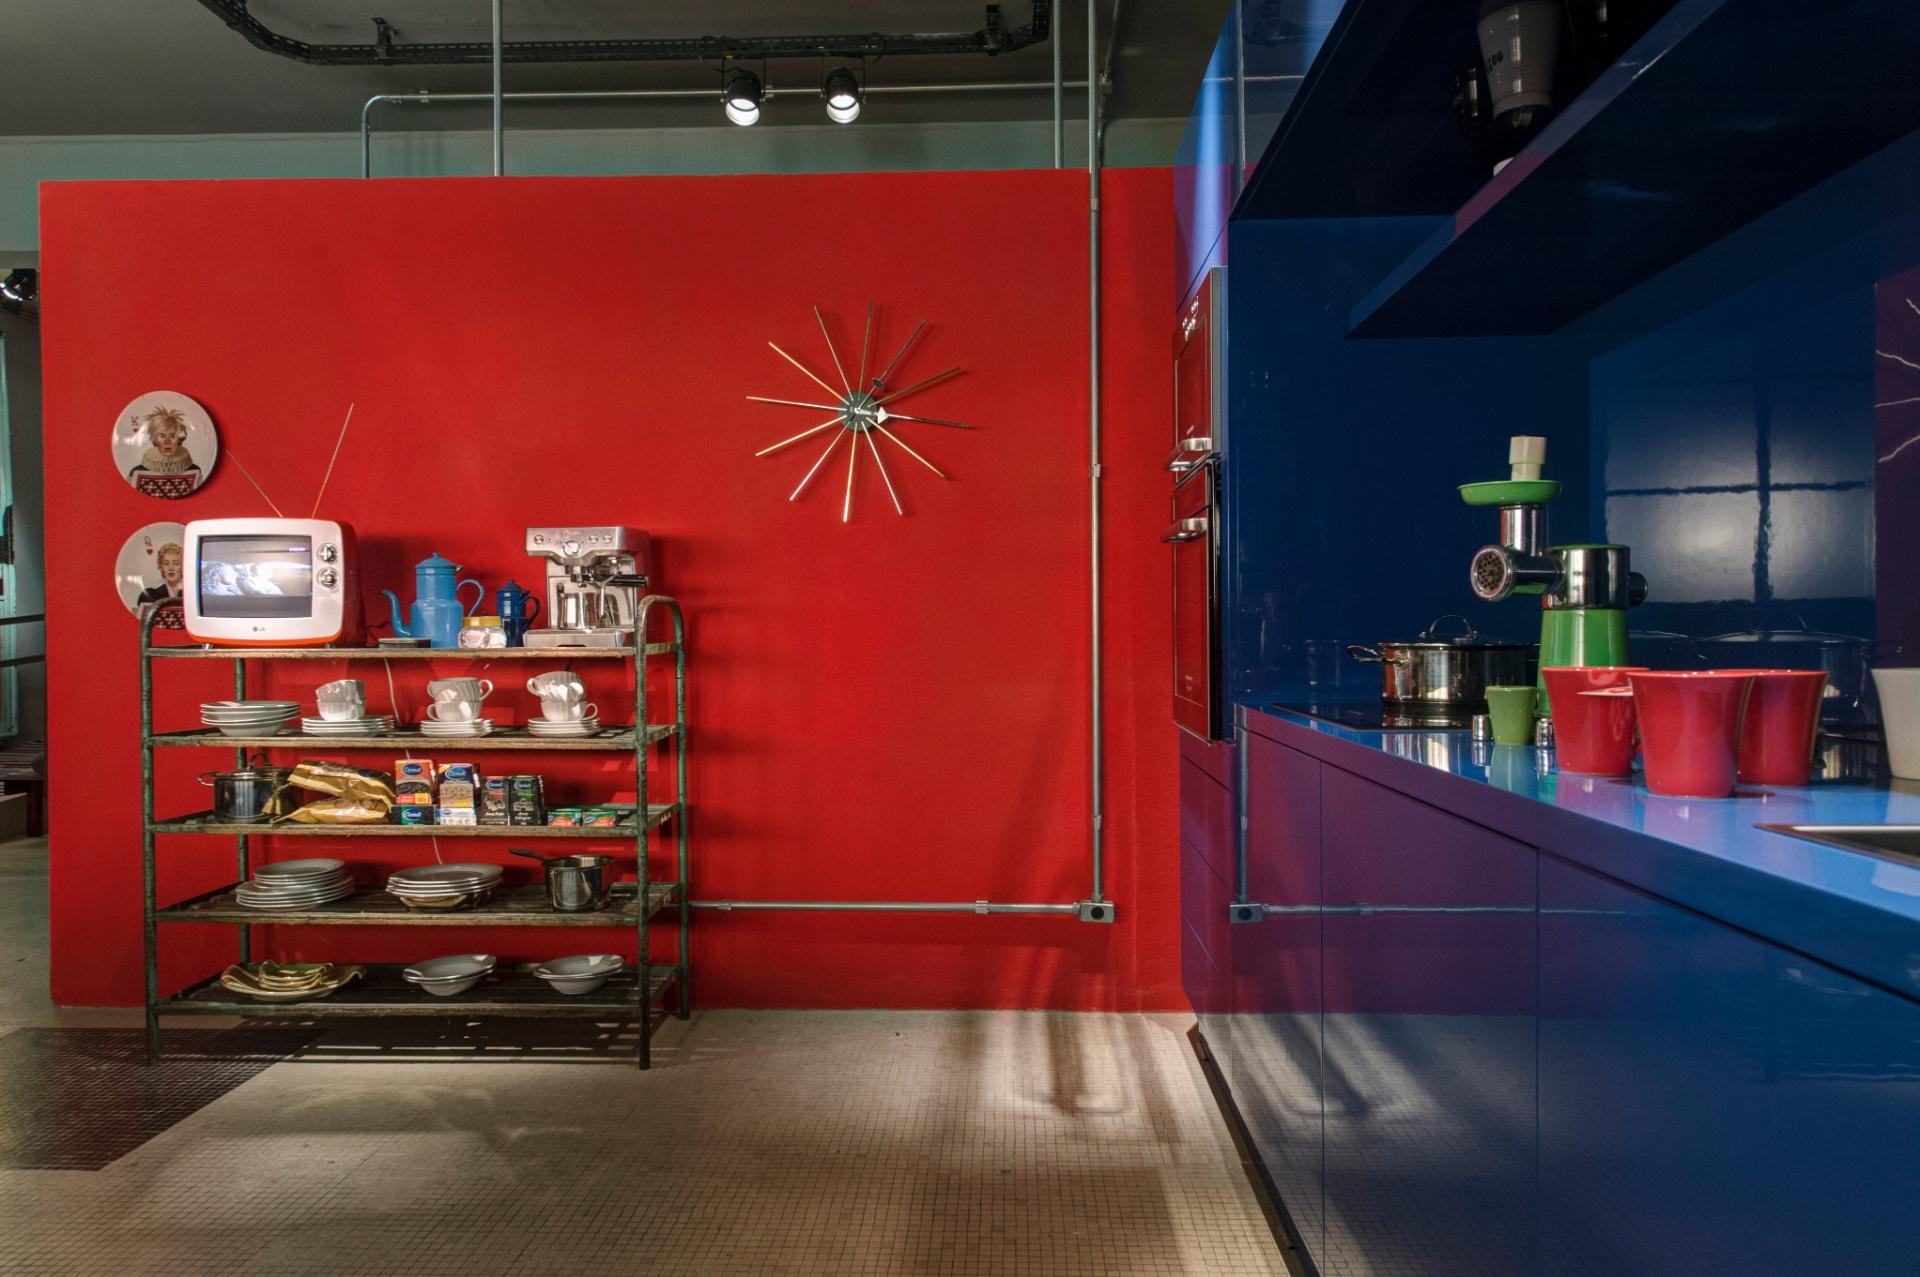 Na cozinha do Loft do Publicitário, projeto dos arquitetos Antonio Ferreira Junior e Mario Celso Bernardes, apesar dos utensílios com ar antigo, as cores vibrantes vermelha e azul deixam o espaço moderno. A 27ª Casa Cor SP segue até dia 21 de julho de 2013, no Jockey Club de São Paulo